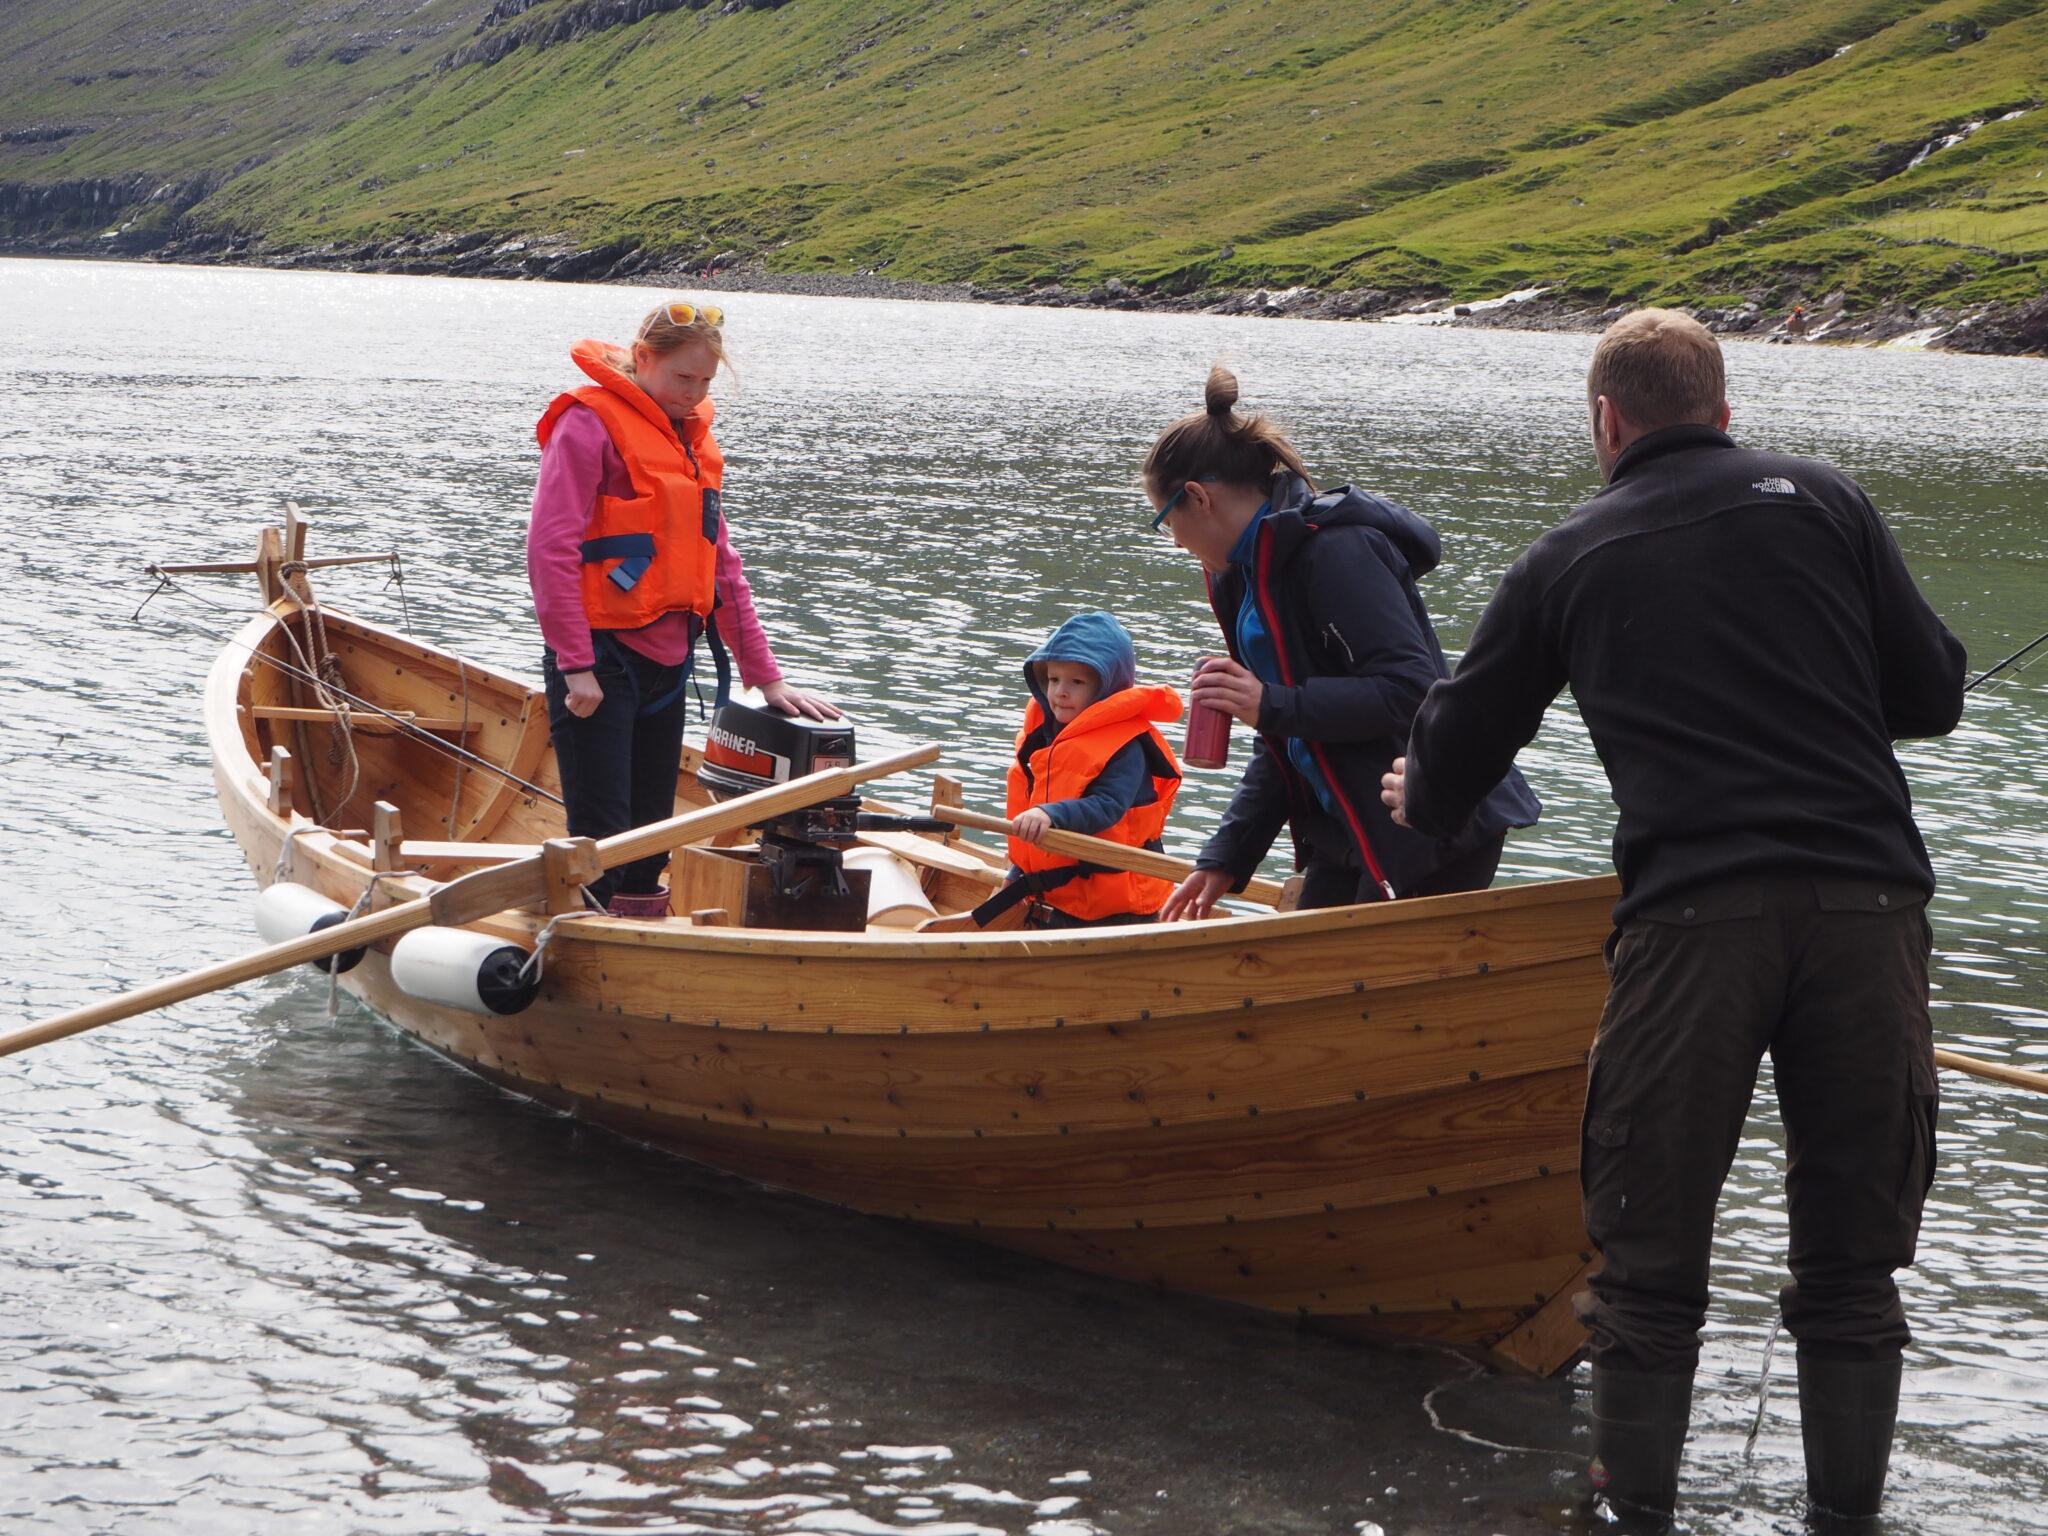 Guided Boat Tour in Funningsfjørður